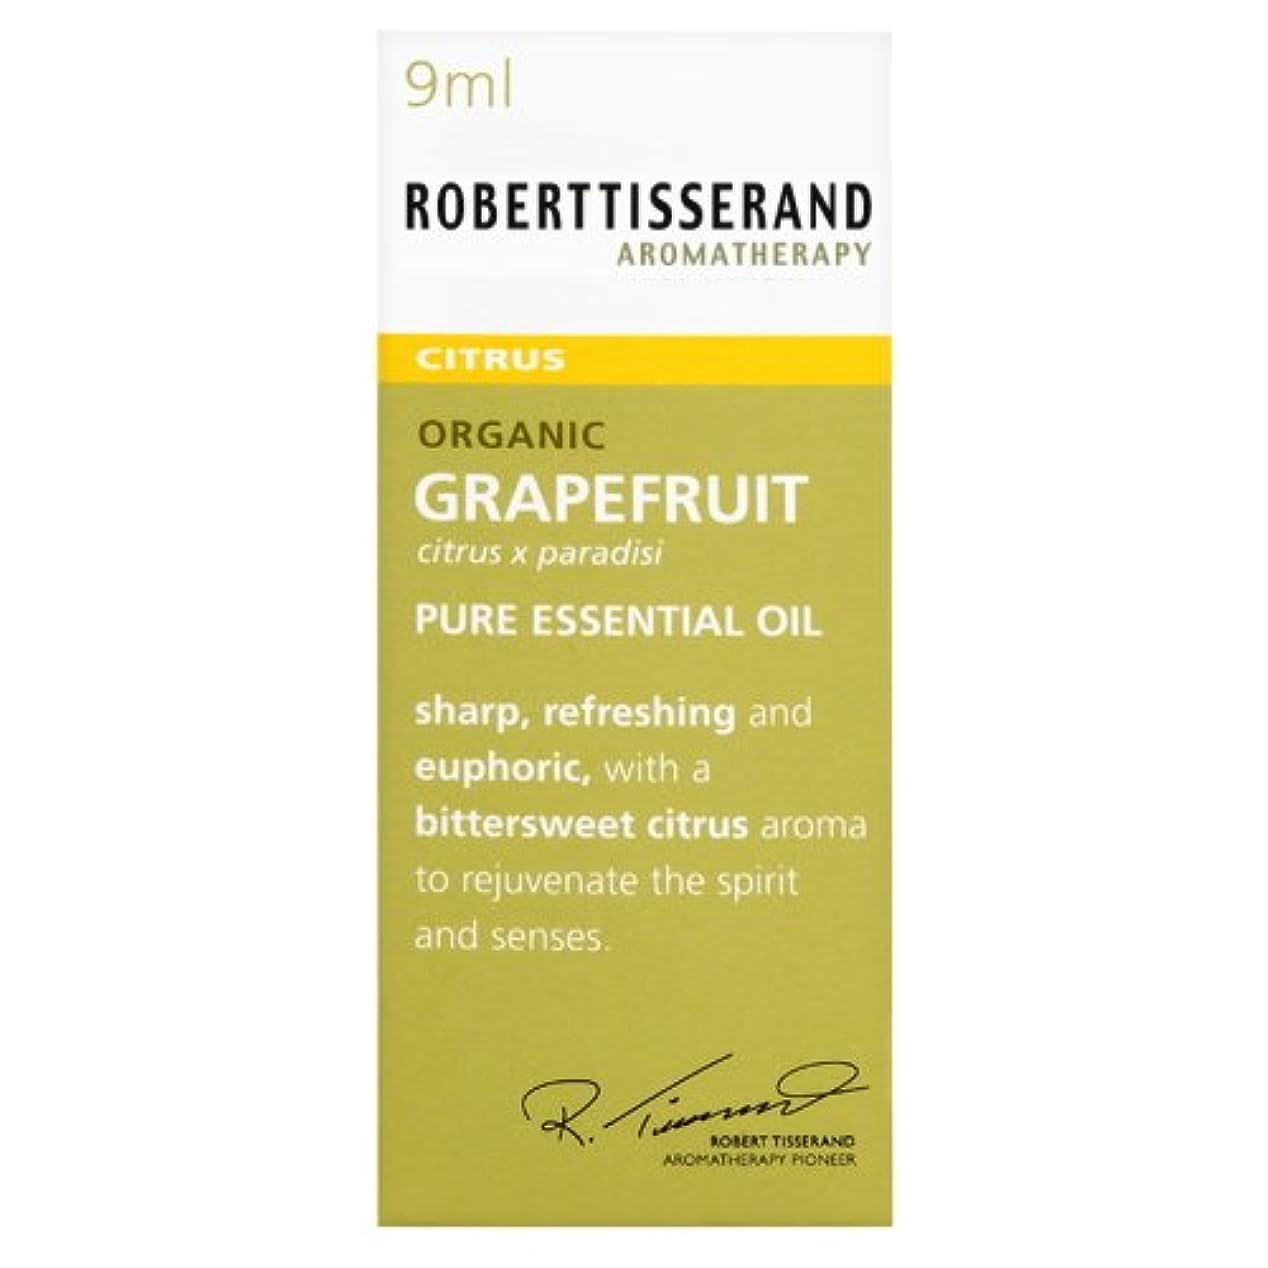 追い付く拒絶分析ロバートティスランド 英国土壌協会認証 オーガニック グレープフルーツ 9ml